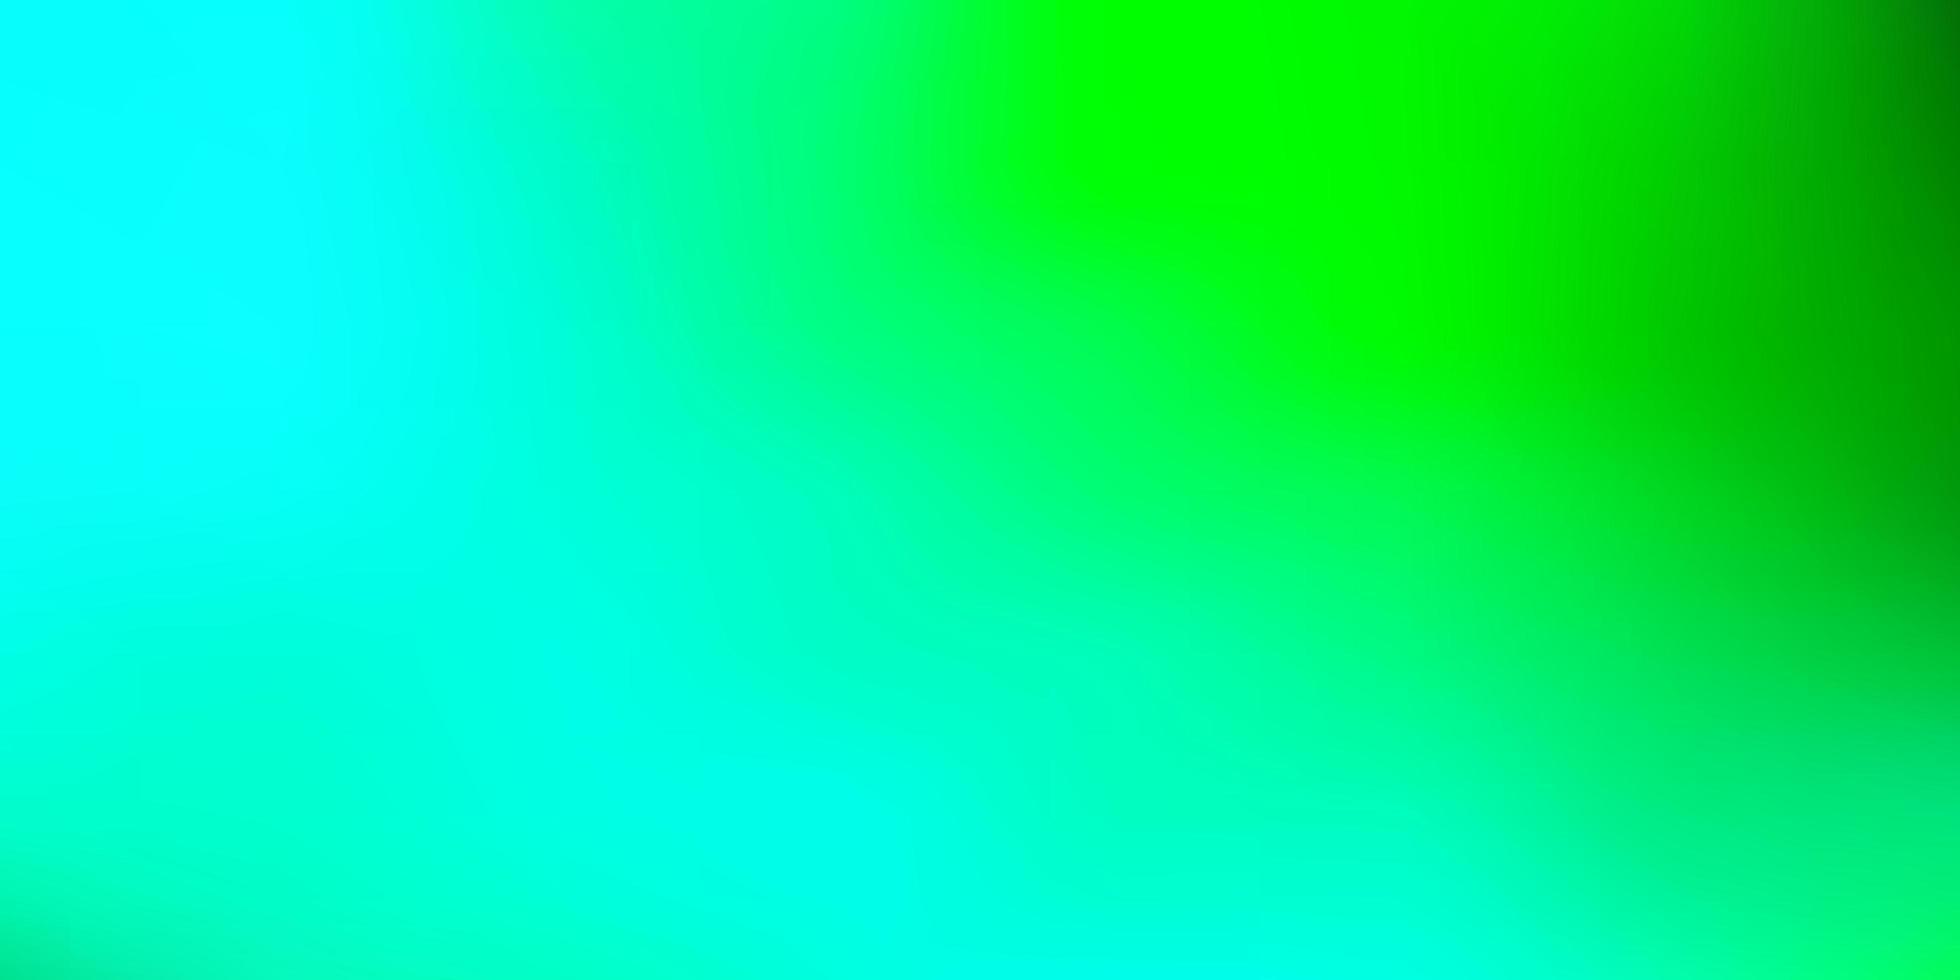 modelo de desfoque de vetor verde claro.